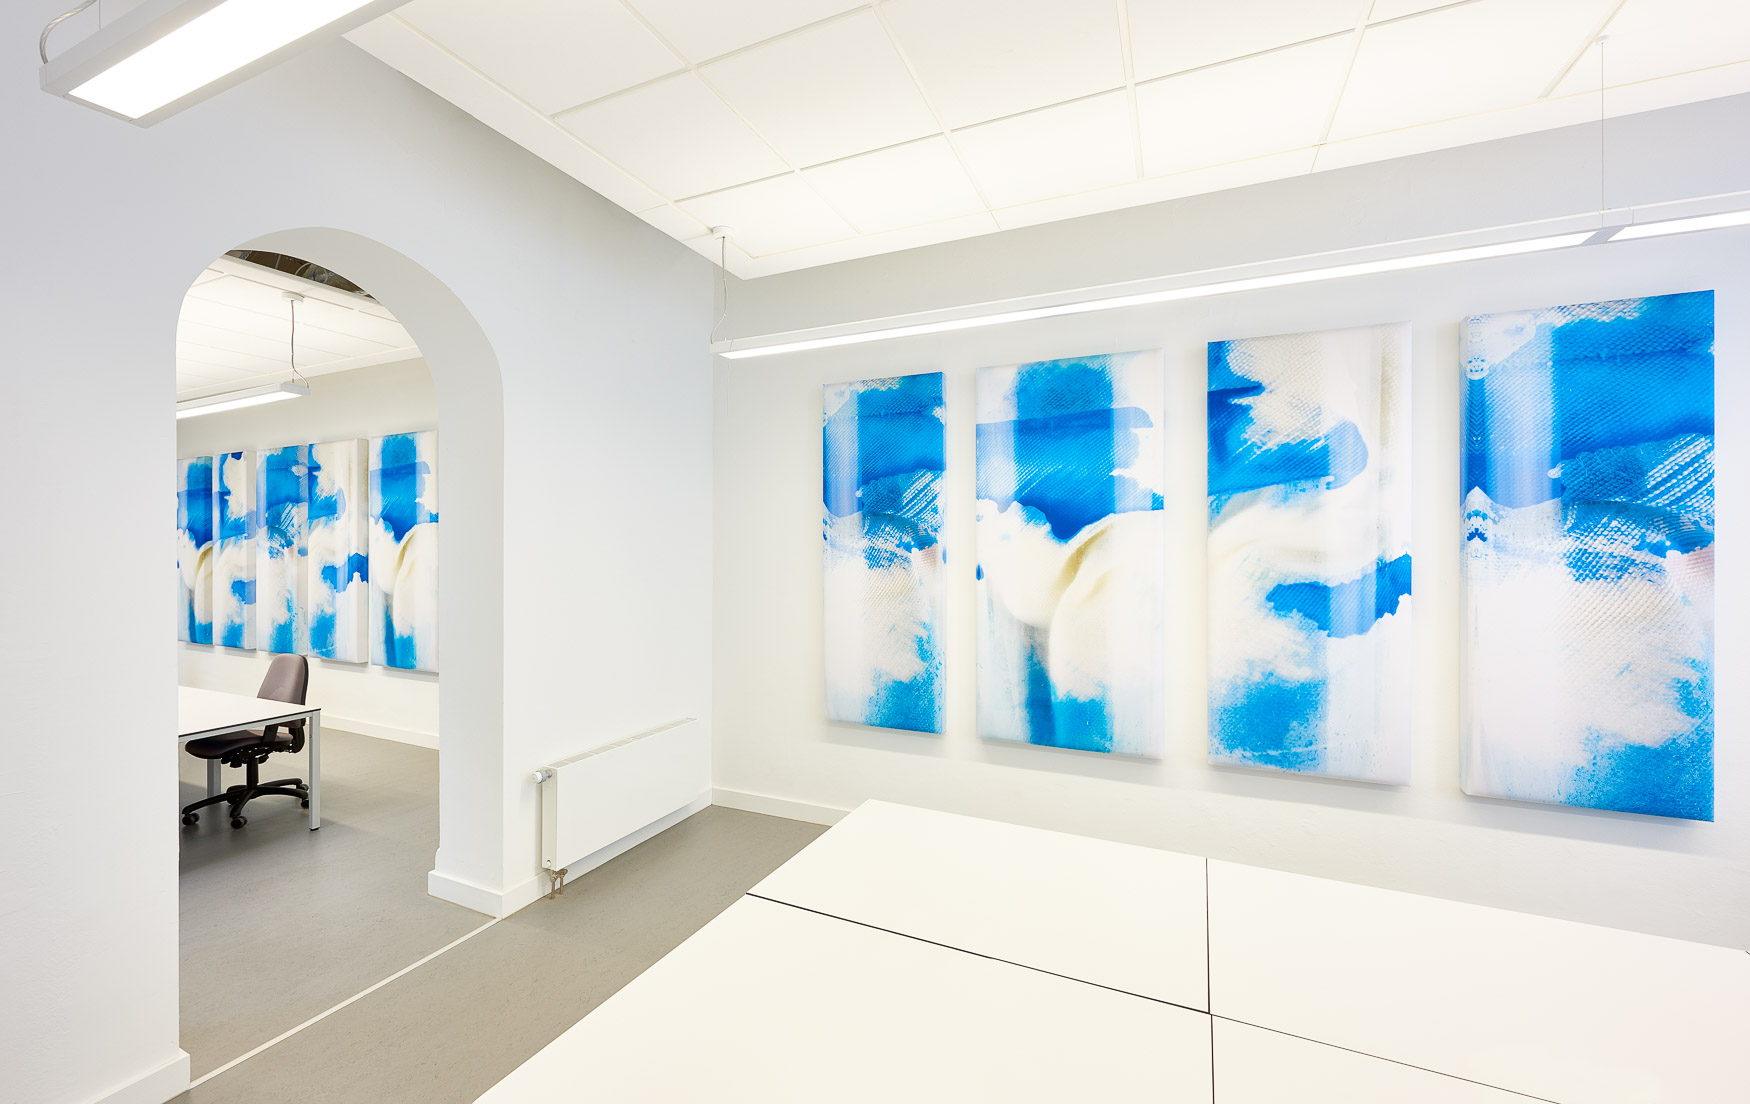 <p>Panelen Blue Drop / Maarten Noordijk</p>